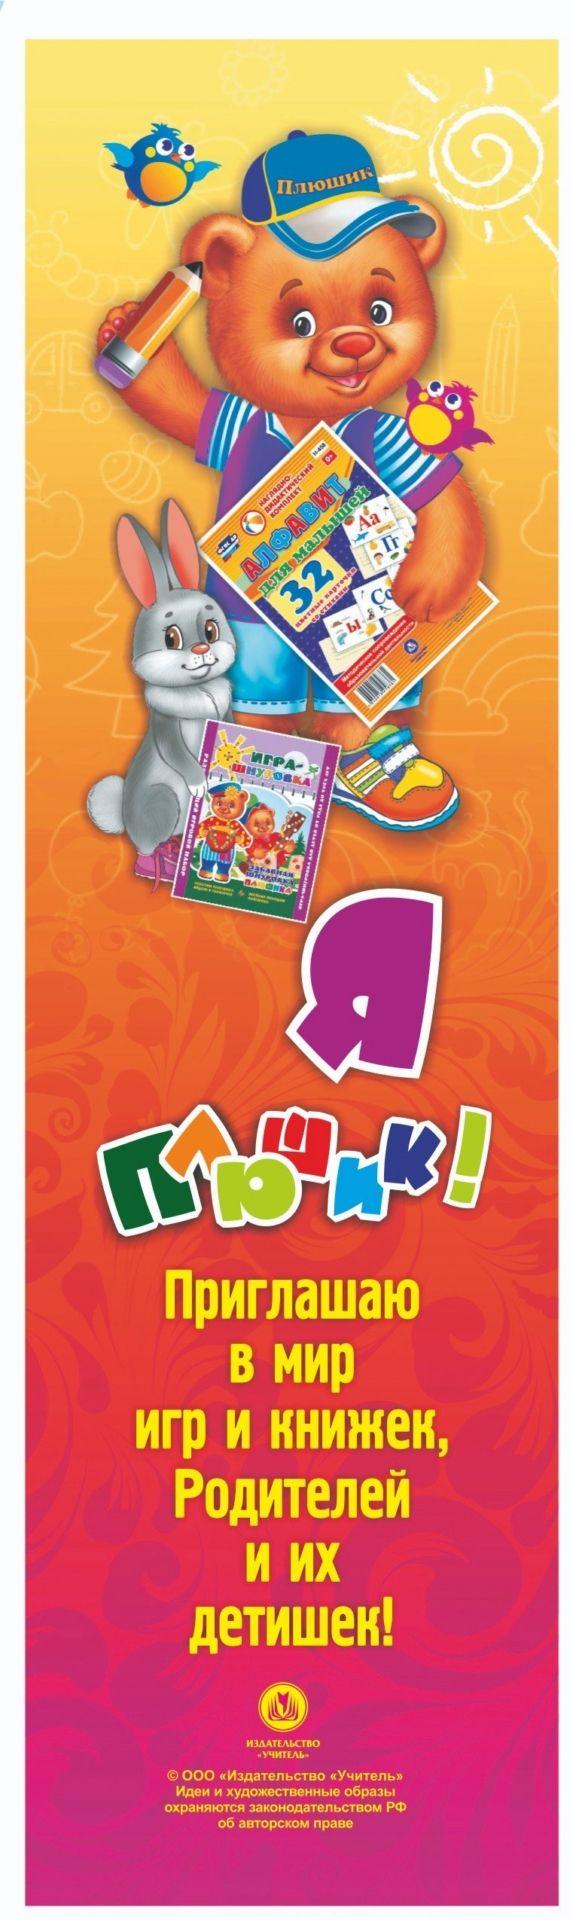 """Закладка """"Я Плюшик! Приглашаю в мир игр и книжек, родителей и их детишек!"""""""